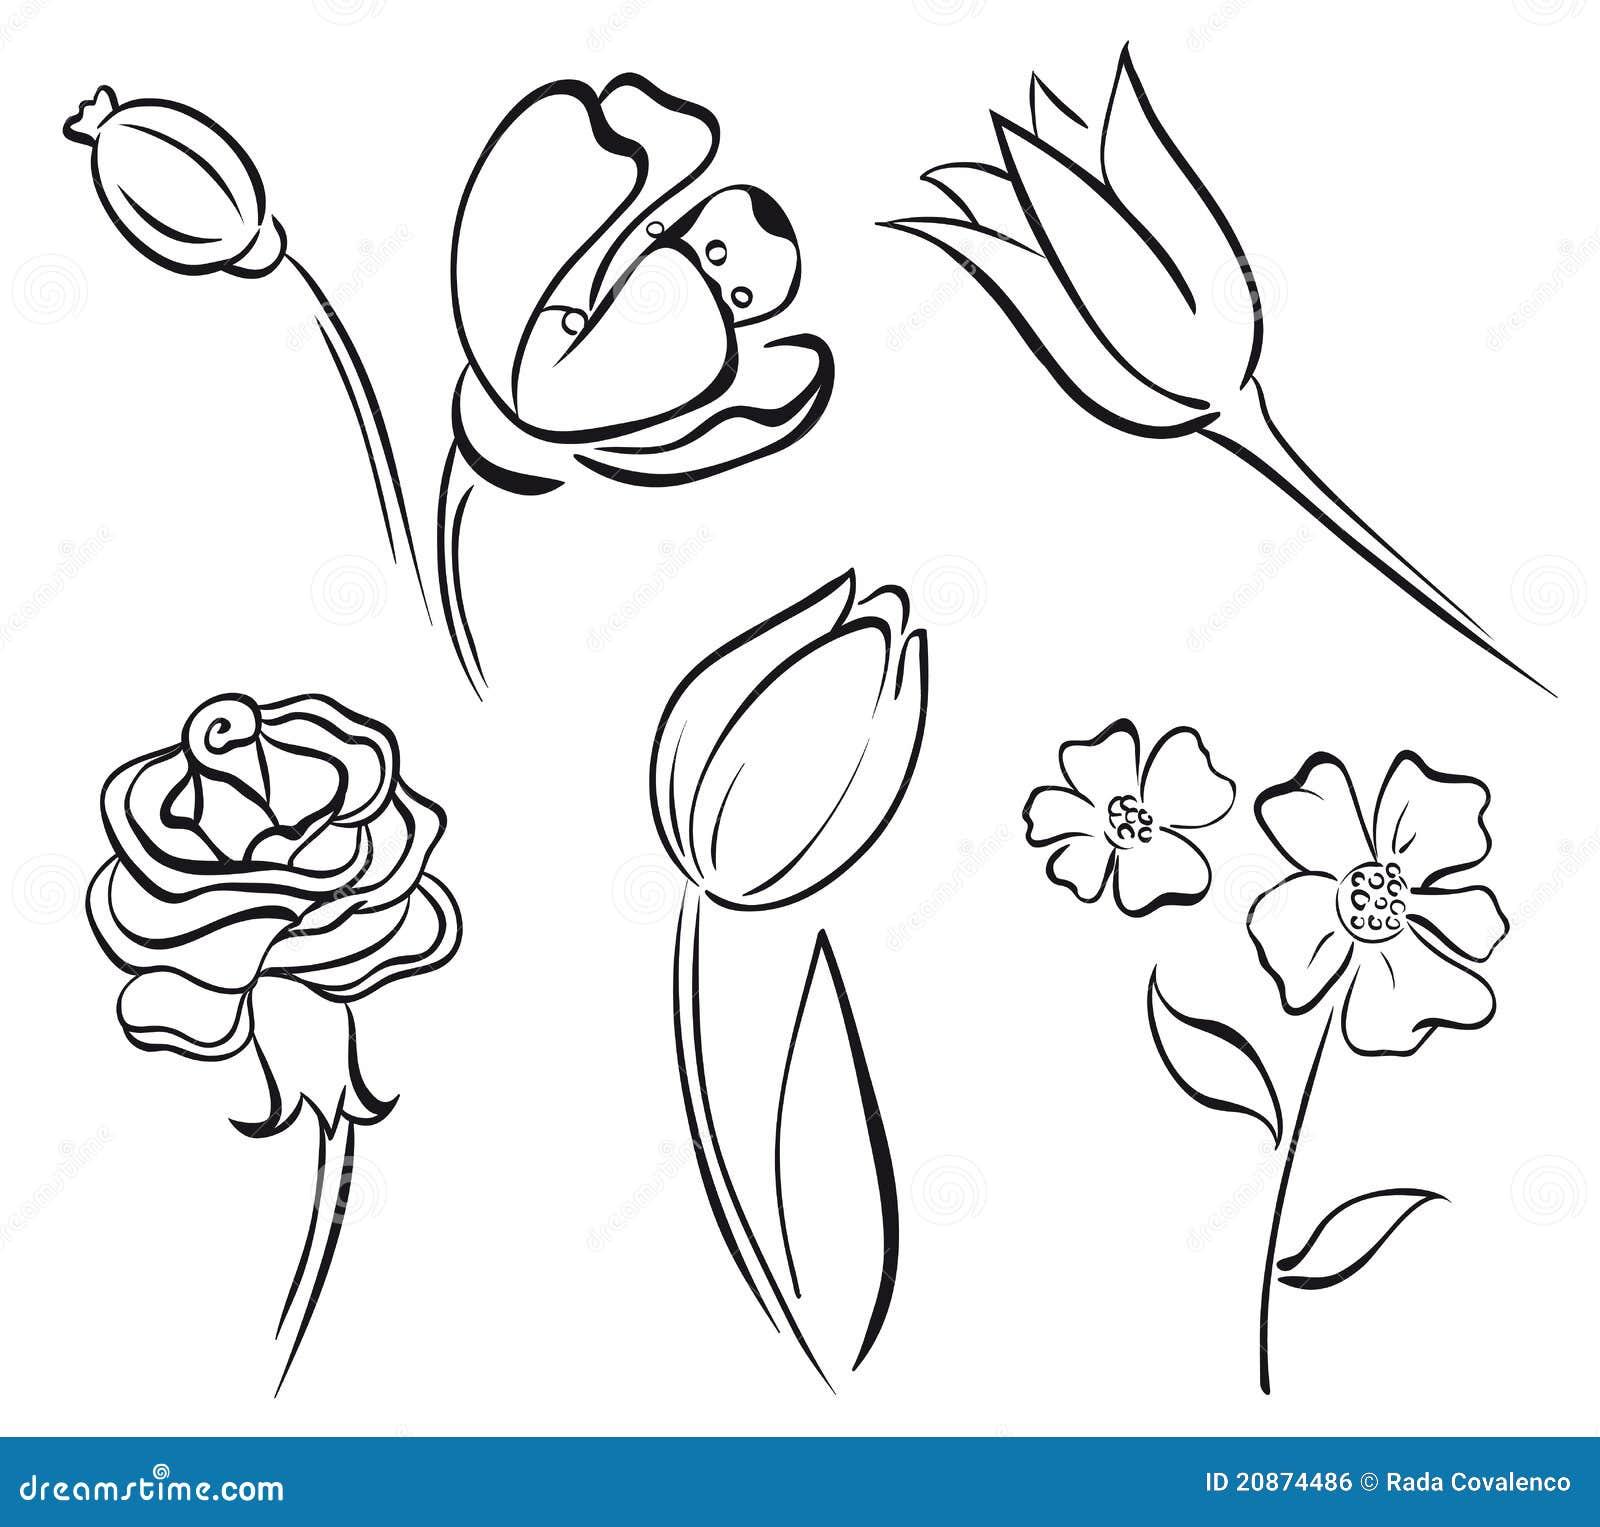 Flower Line Art Images: Flower Art Line Stock Vector. Illustration Of Design